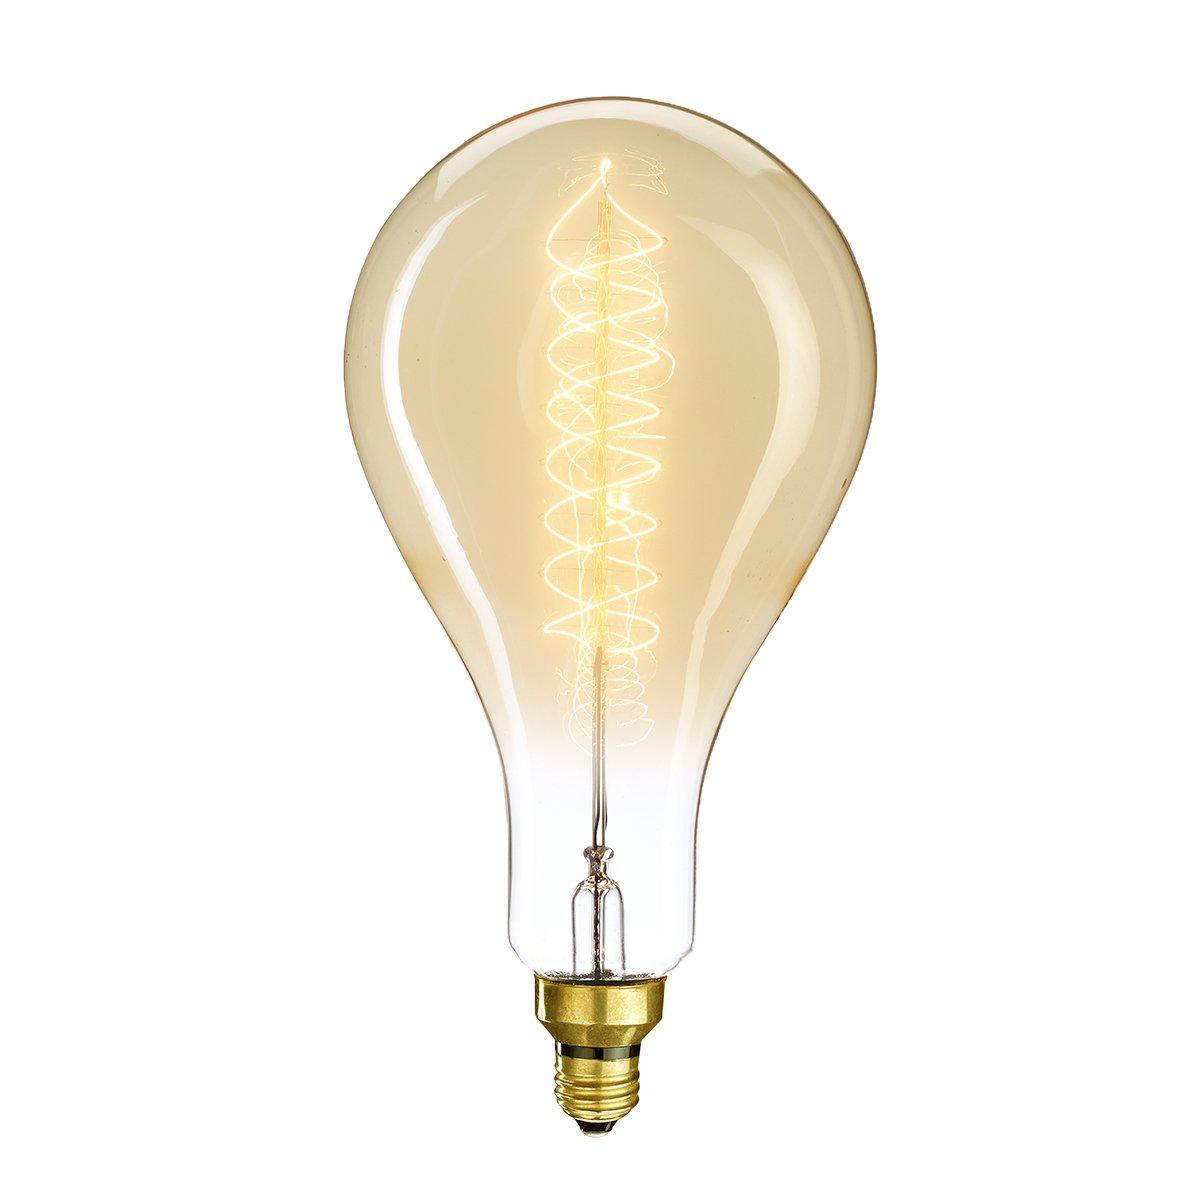 Bulbrite Incandescent PS56 Medium Screw Base (E26) Light Bulb, 60 Watt, Antique